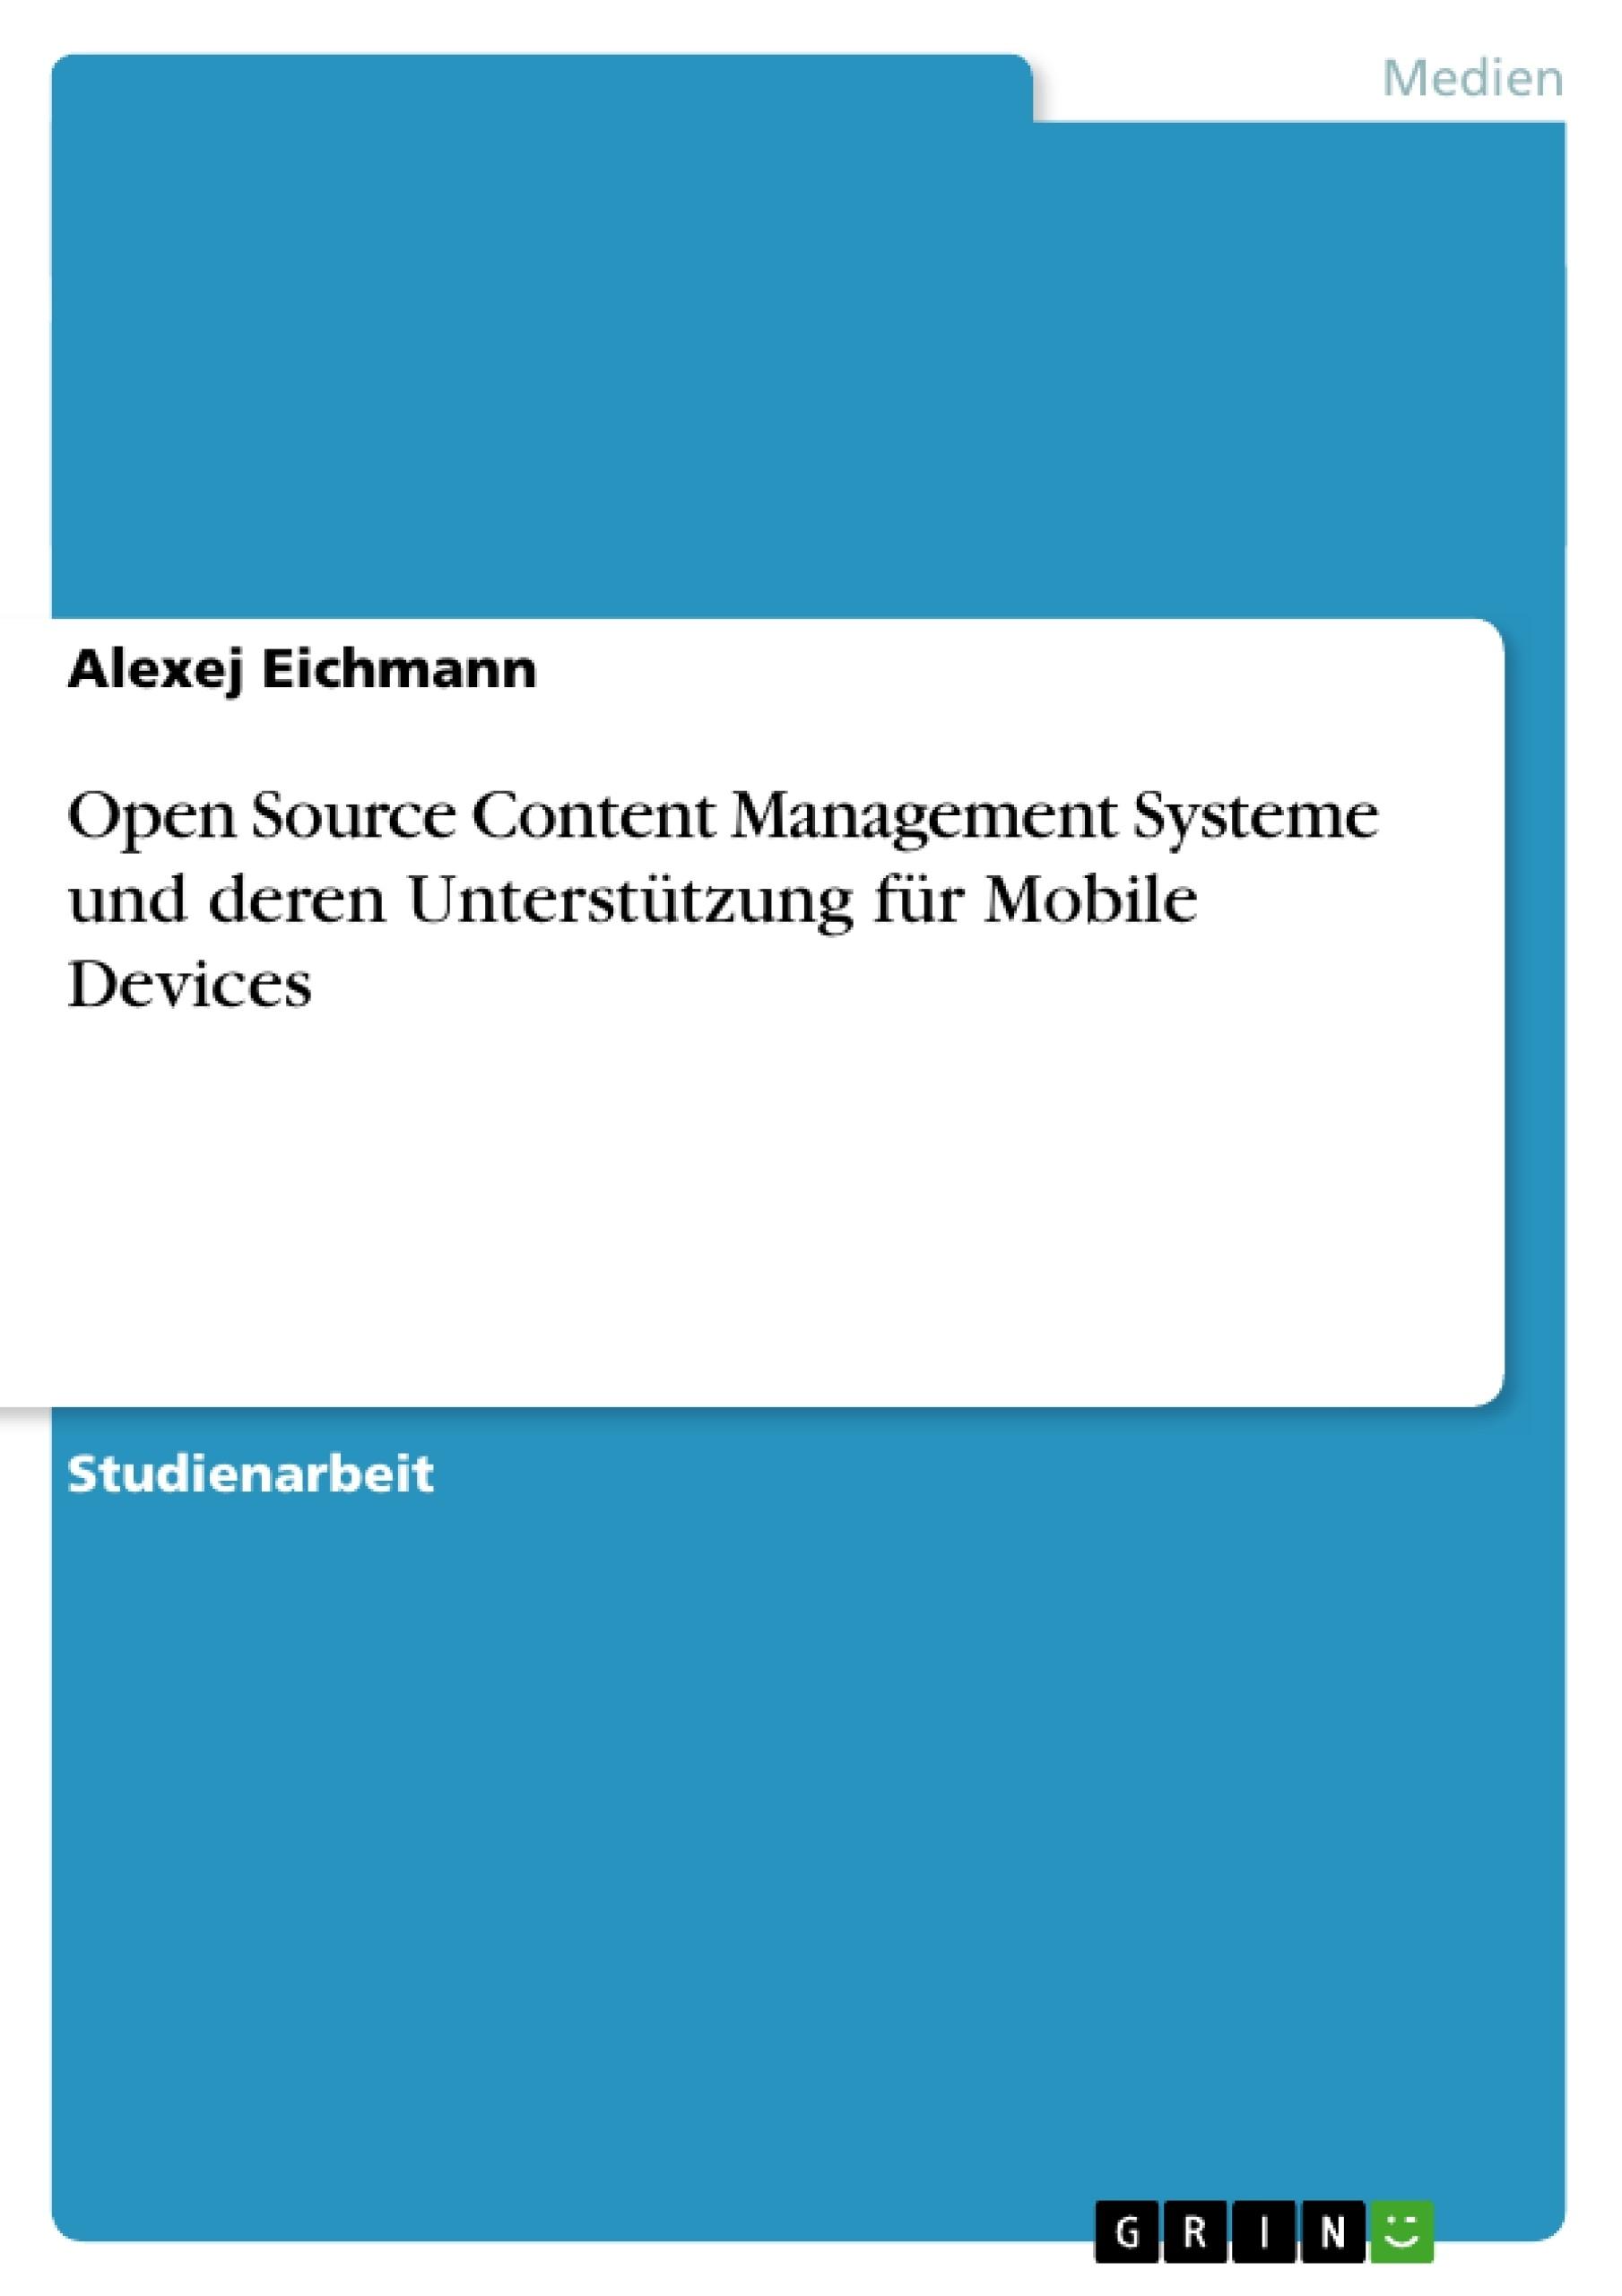 Titel: Open Source Content Management Systeme und deren Unterstützung für Mobile Devices